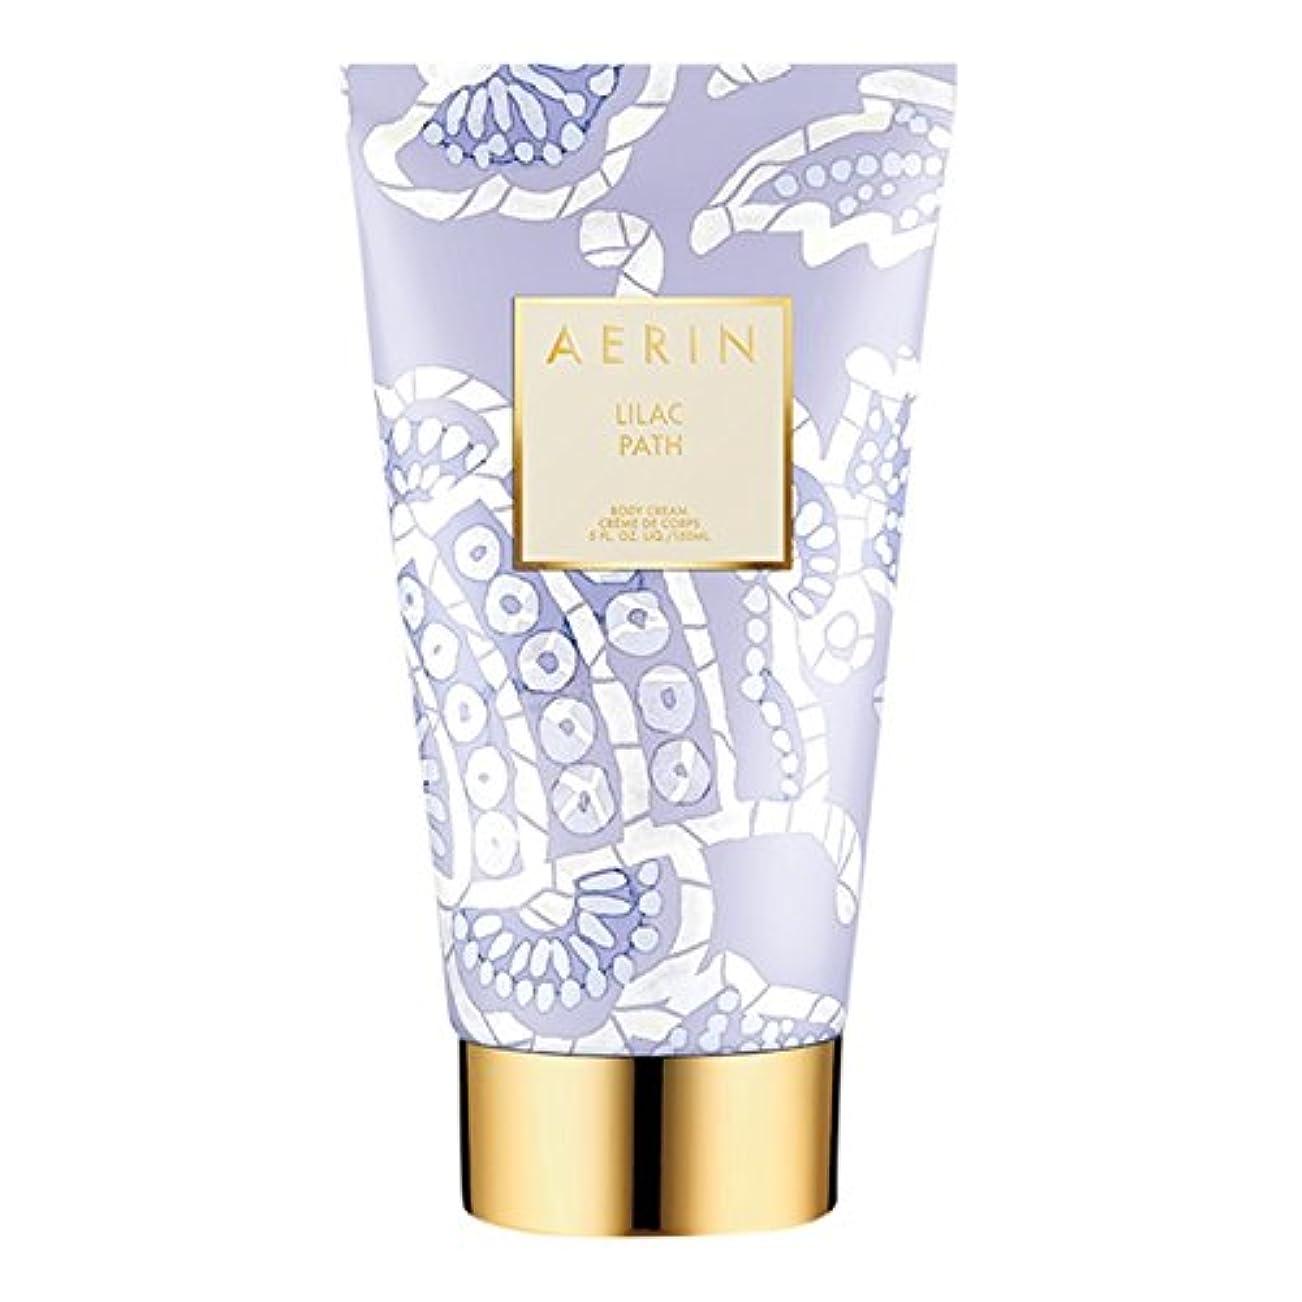 候補者グローブ繁栄するAerinライラックパスボディクリーム150ミリリットル (AERIN) (x2) - AERIN Lilac Path Body Cream 150ml (Pack of 2) [並行輸入品]